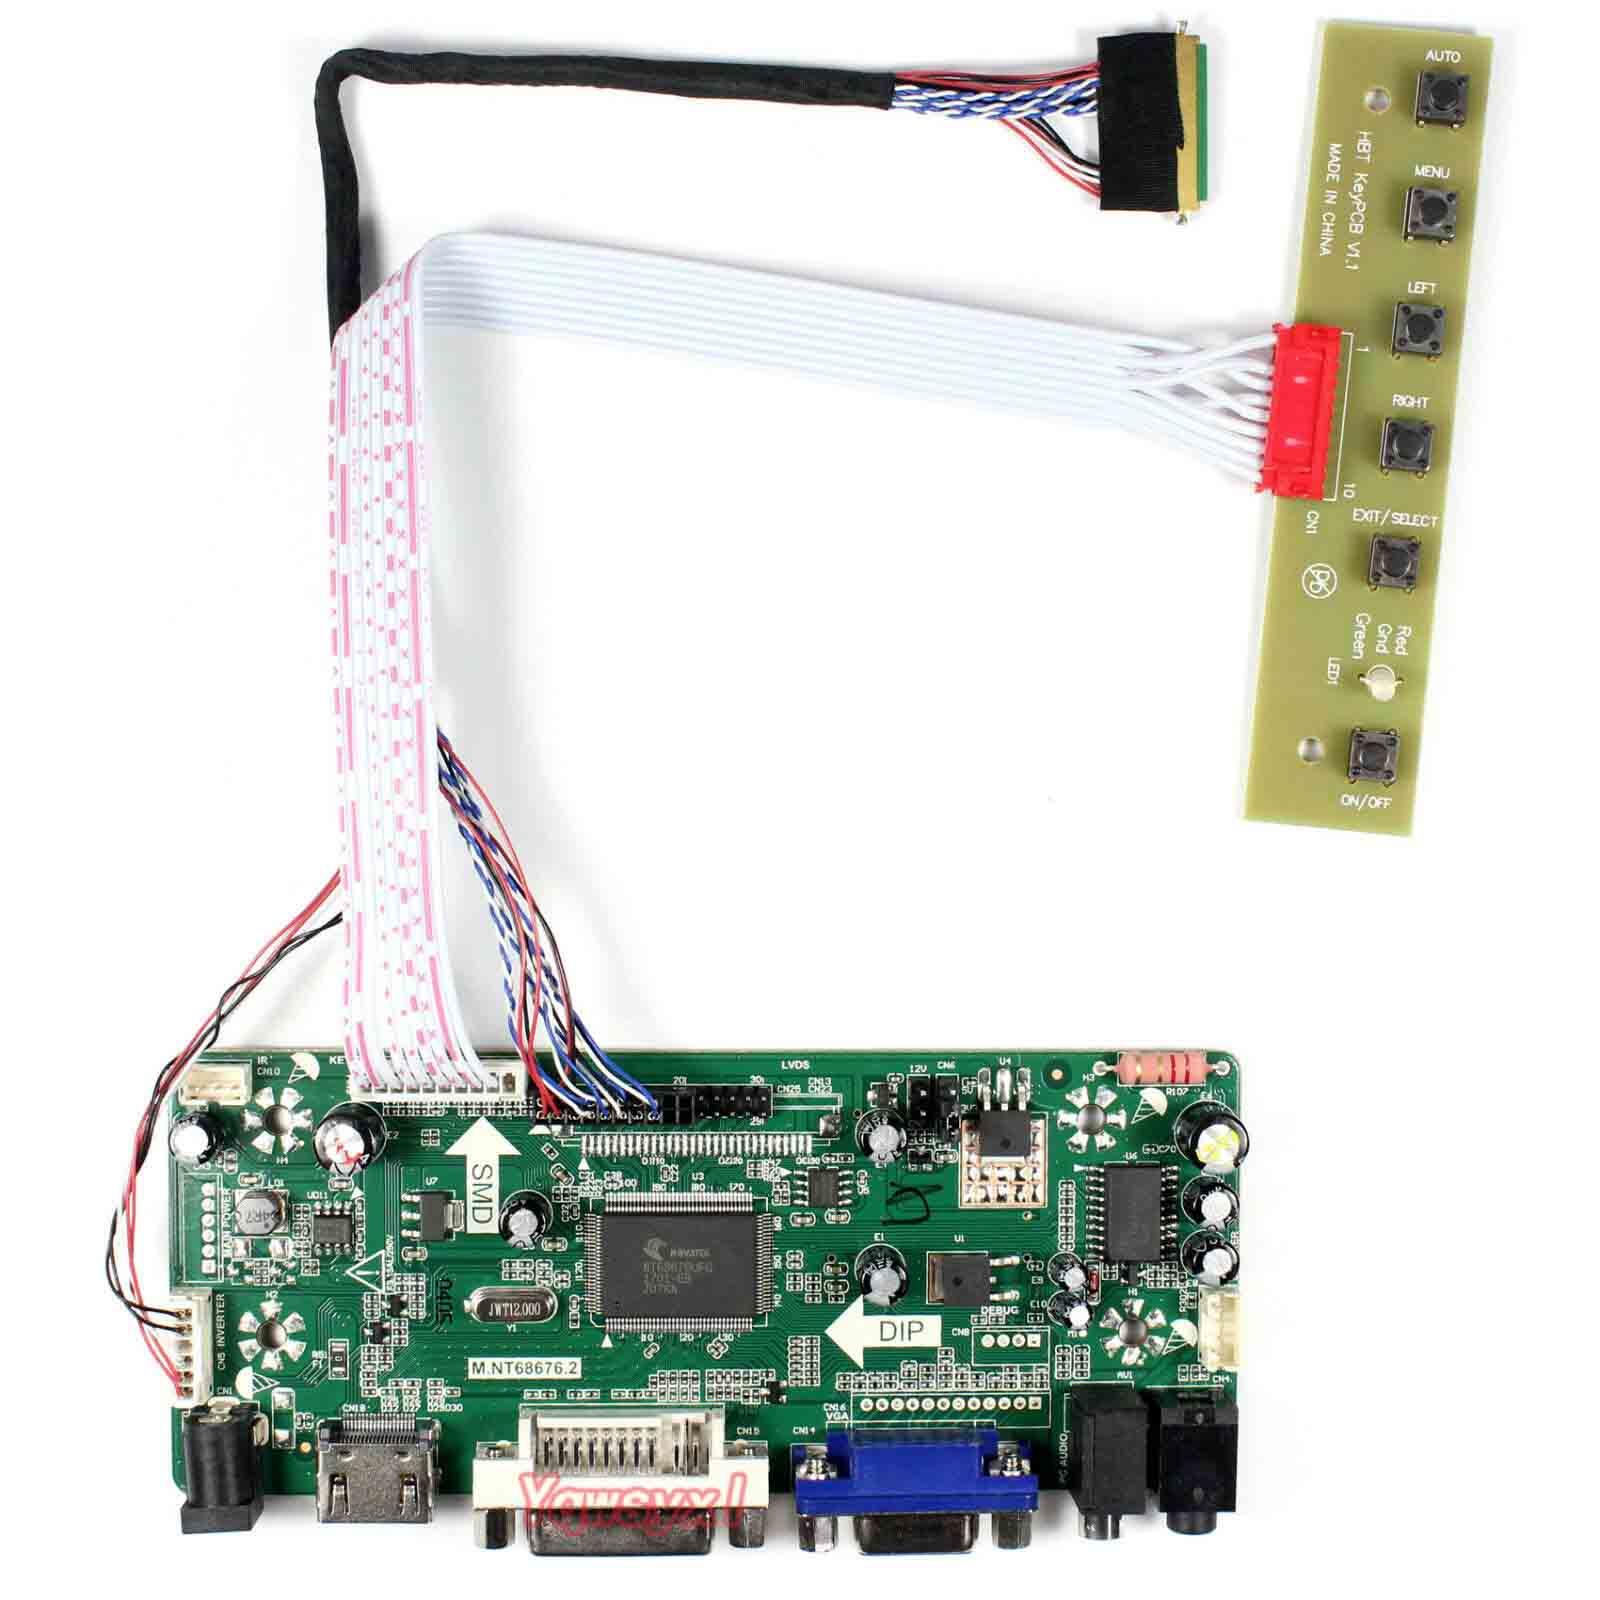 Yqwsyxl Control Board Monitor Kit for LTN133AT23 801  LTN133AT23-801  HDMI+DVI+VGA LCD LED screen Controller Board Driver